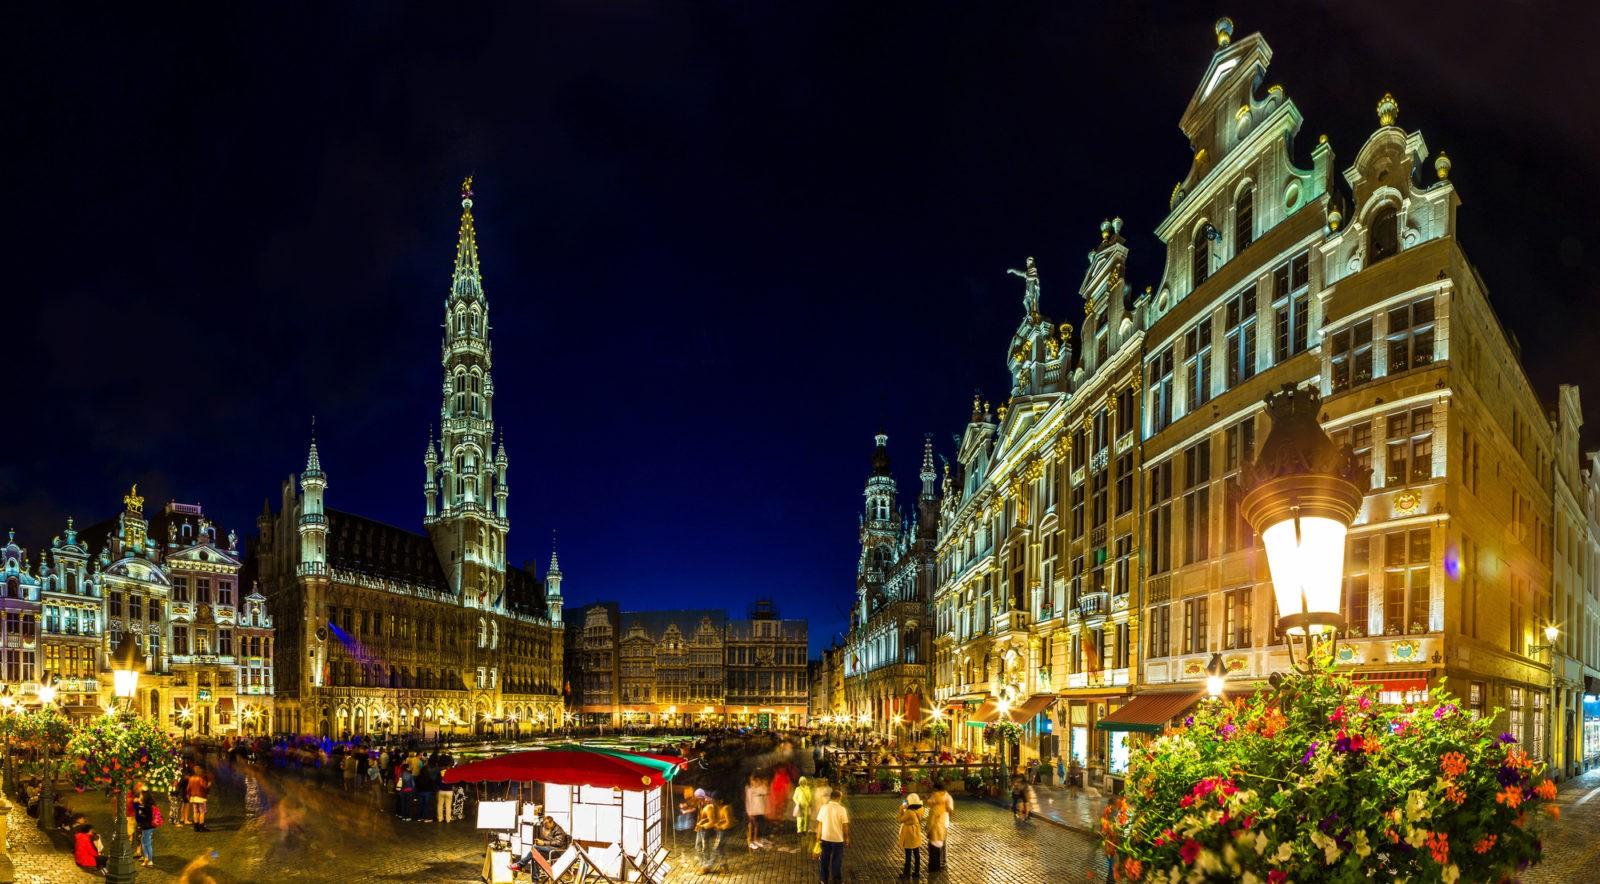 Сколько денег стоит получение визы в Бельгию в 2019 году